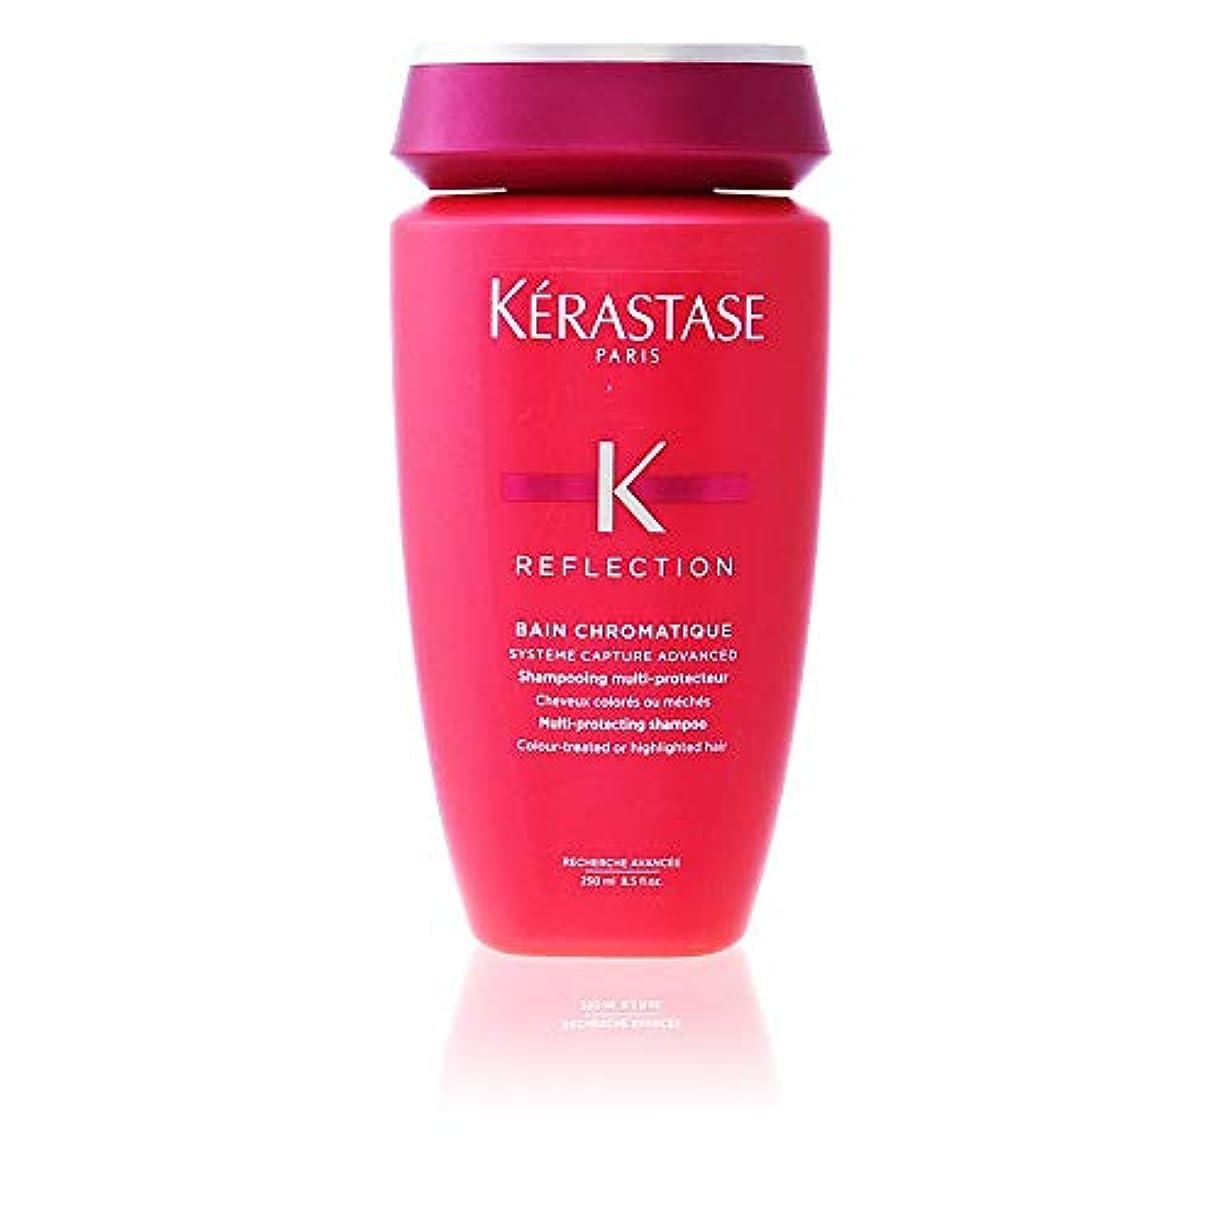 悪質なとティーム自慢ケラスターゼ Reflection Bain Chromatique Multi-Protecting Shampoo (Colour-Treated or Highlighted Hair) 250ml/8.5oz並行輸入品